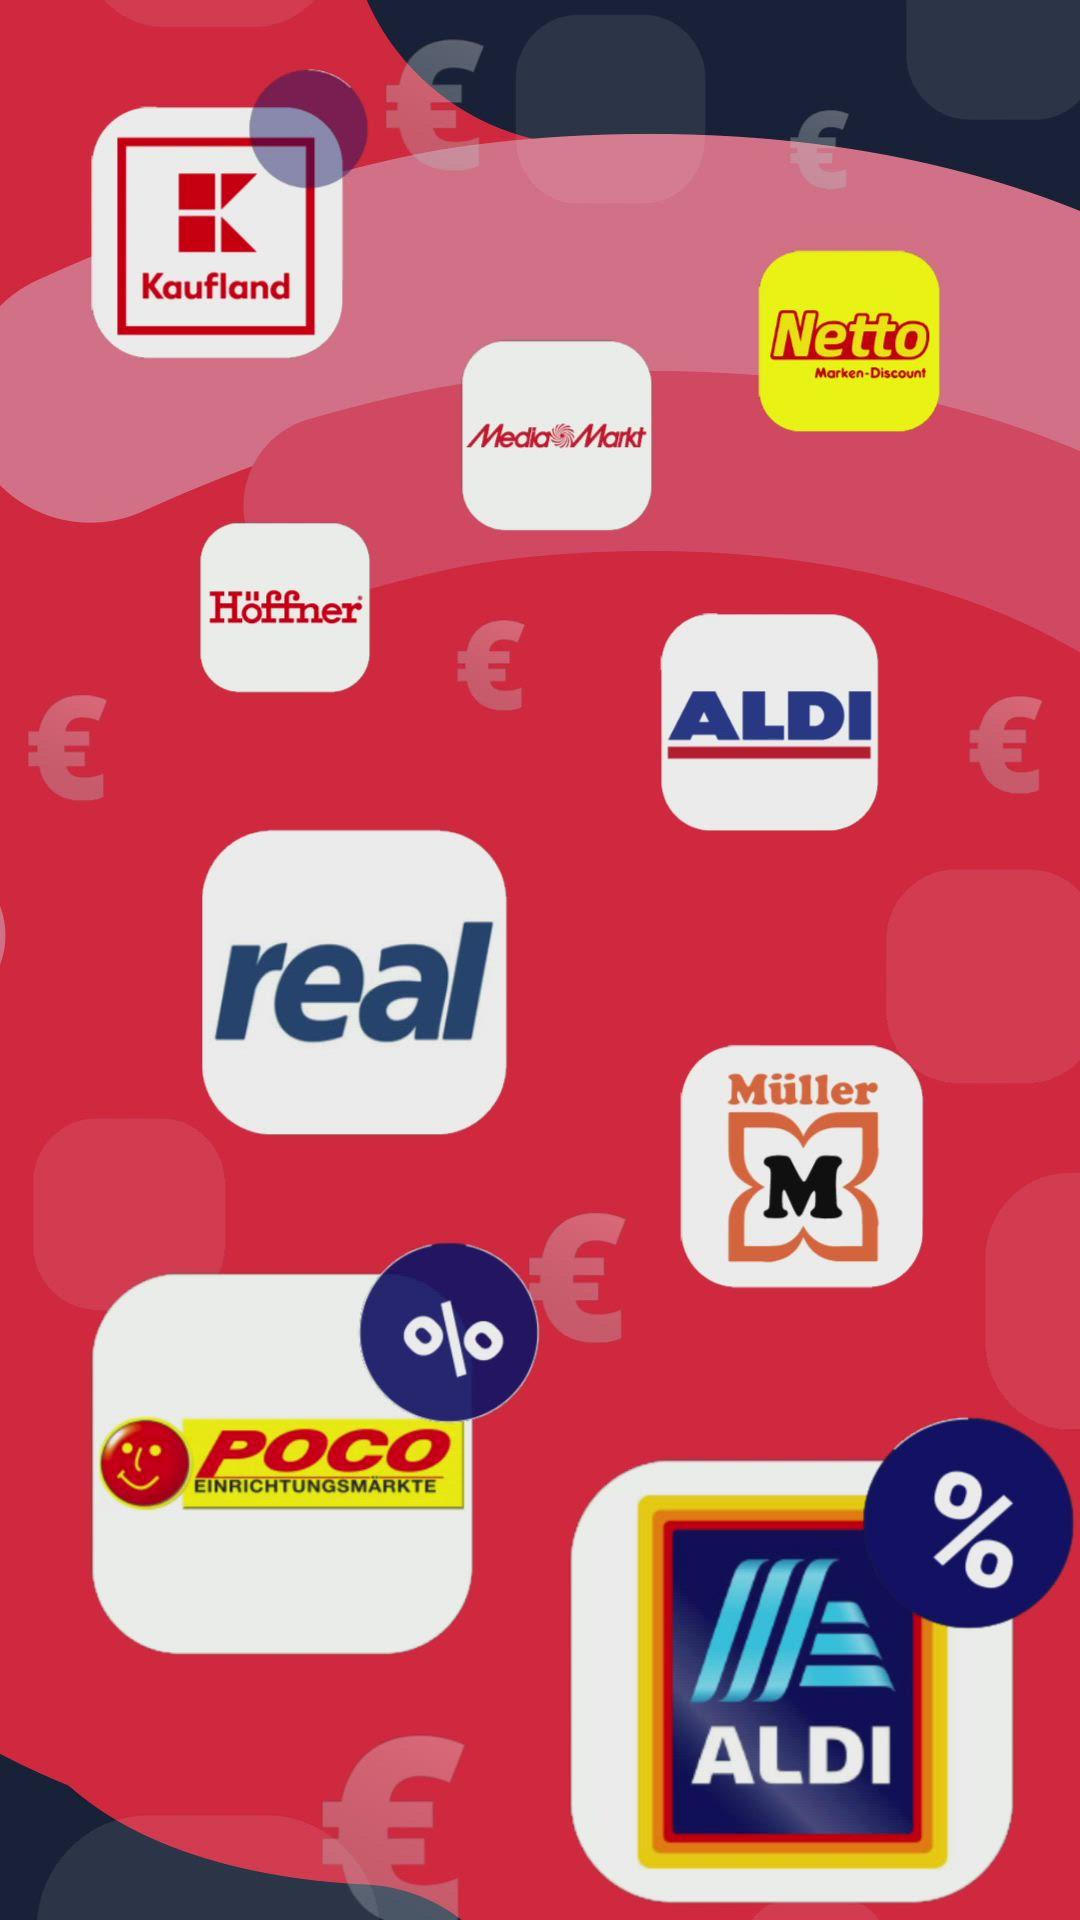 Alle Angebote In Einer App Video Seriöse Heimarbeit Putzmittel Selbstgemacht App